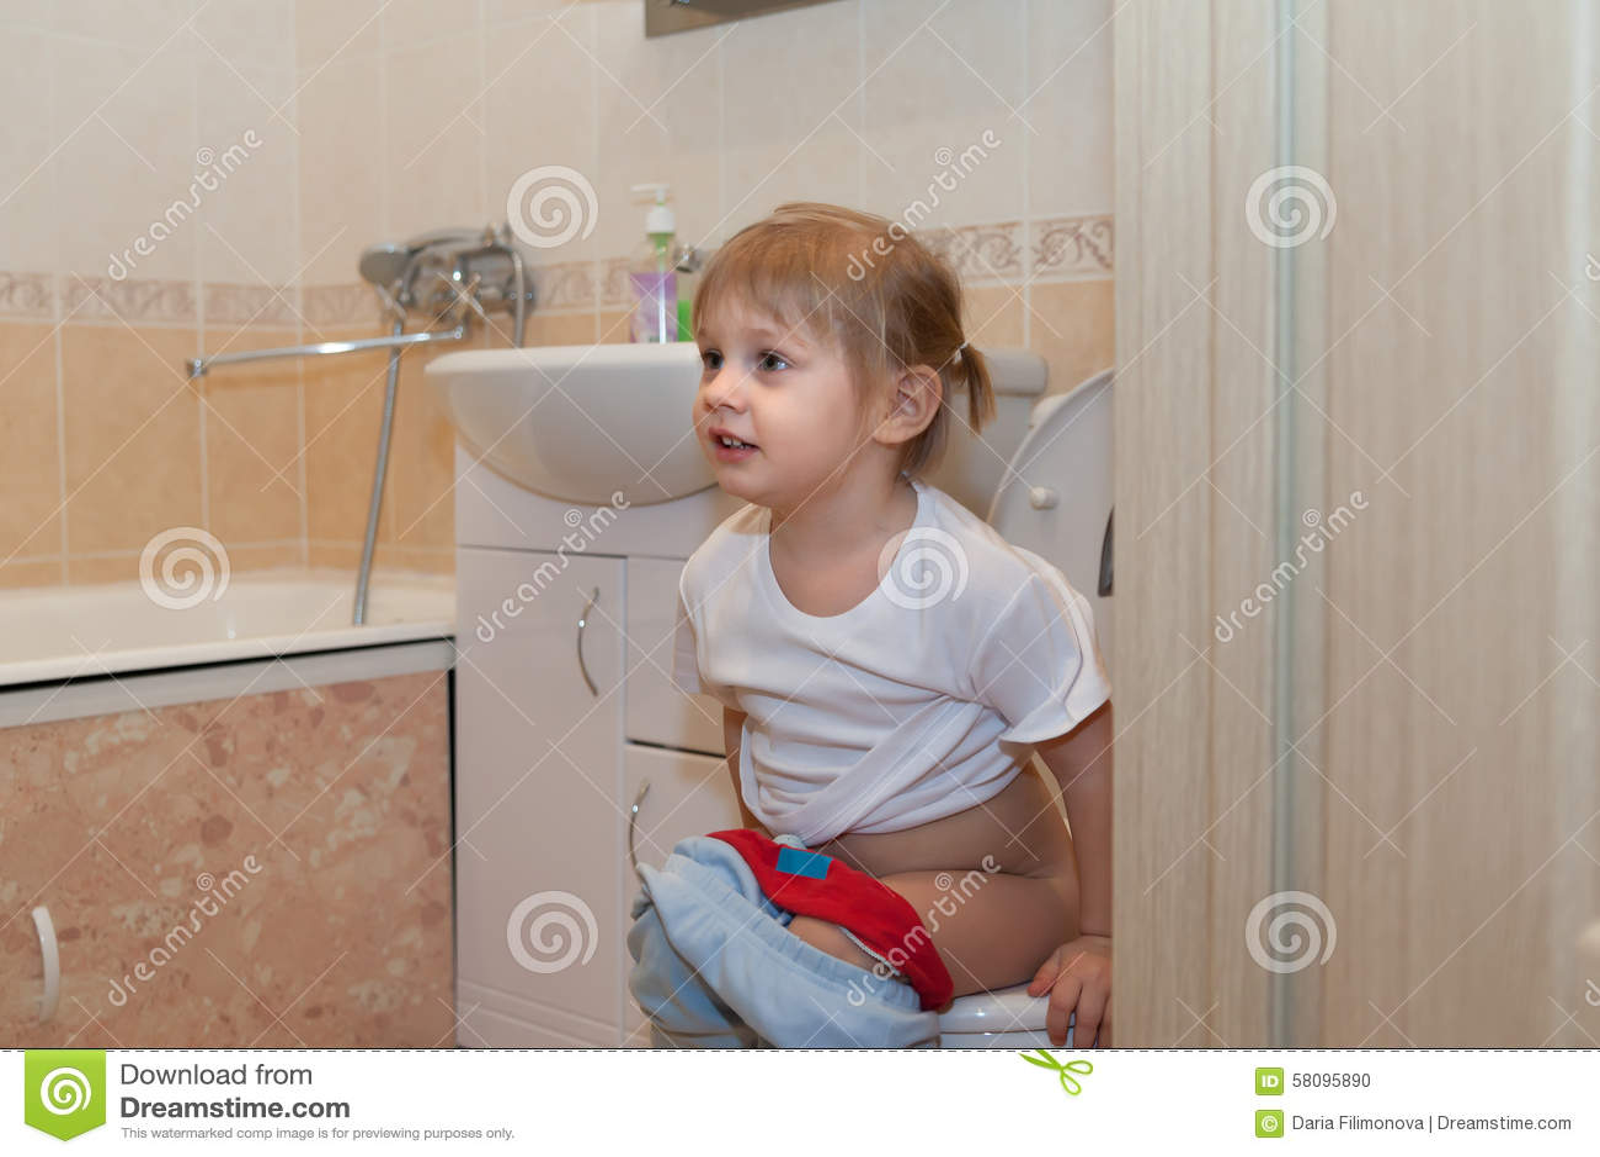 Смотреть онлайн писающих девушек крупно, Девки писают в туалете крупным планом 22 фотография